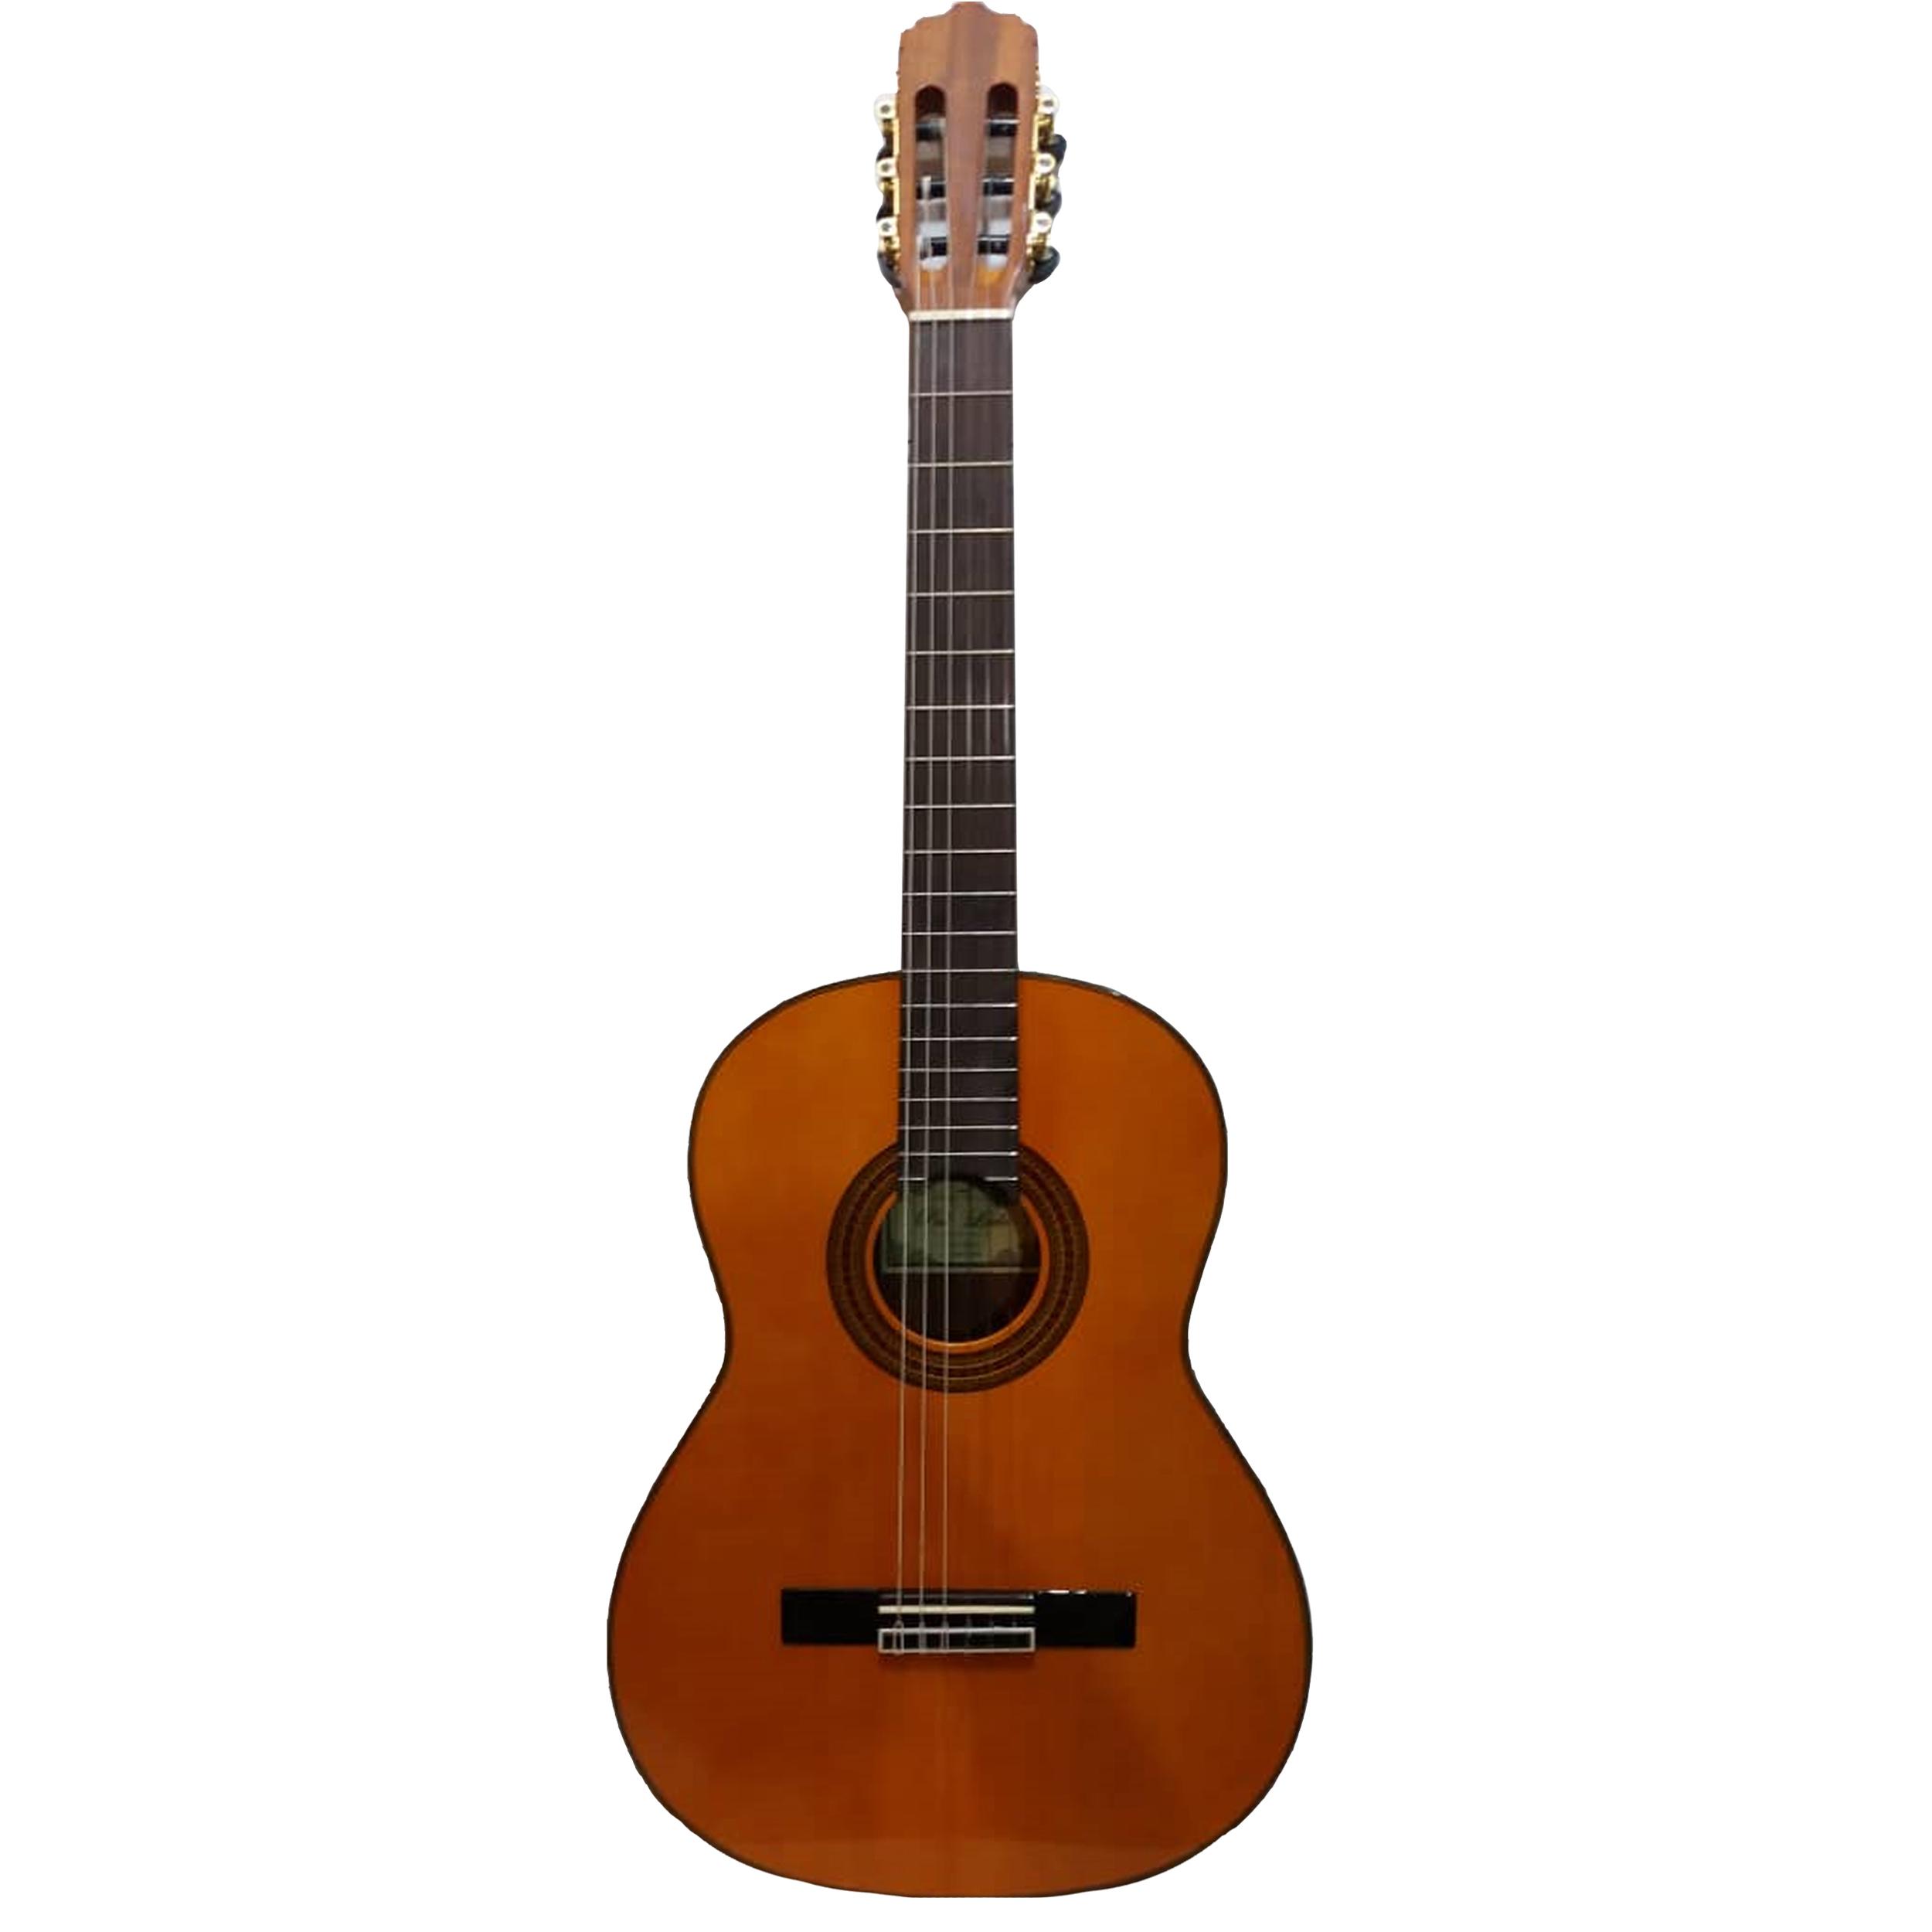 گیتار کلاسیک پالادو مدل CG 80-EQ